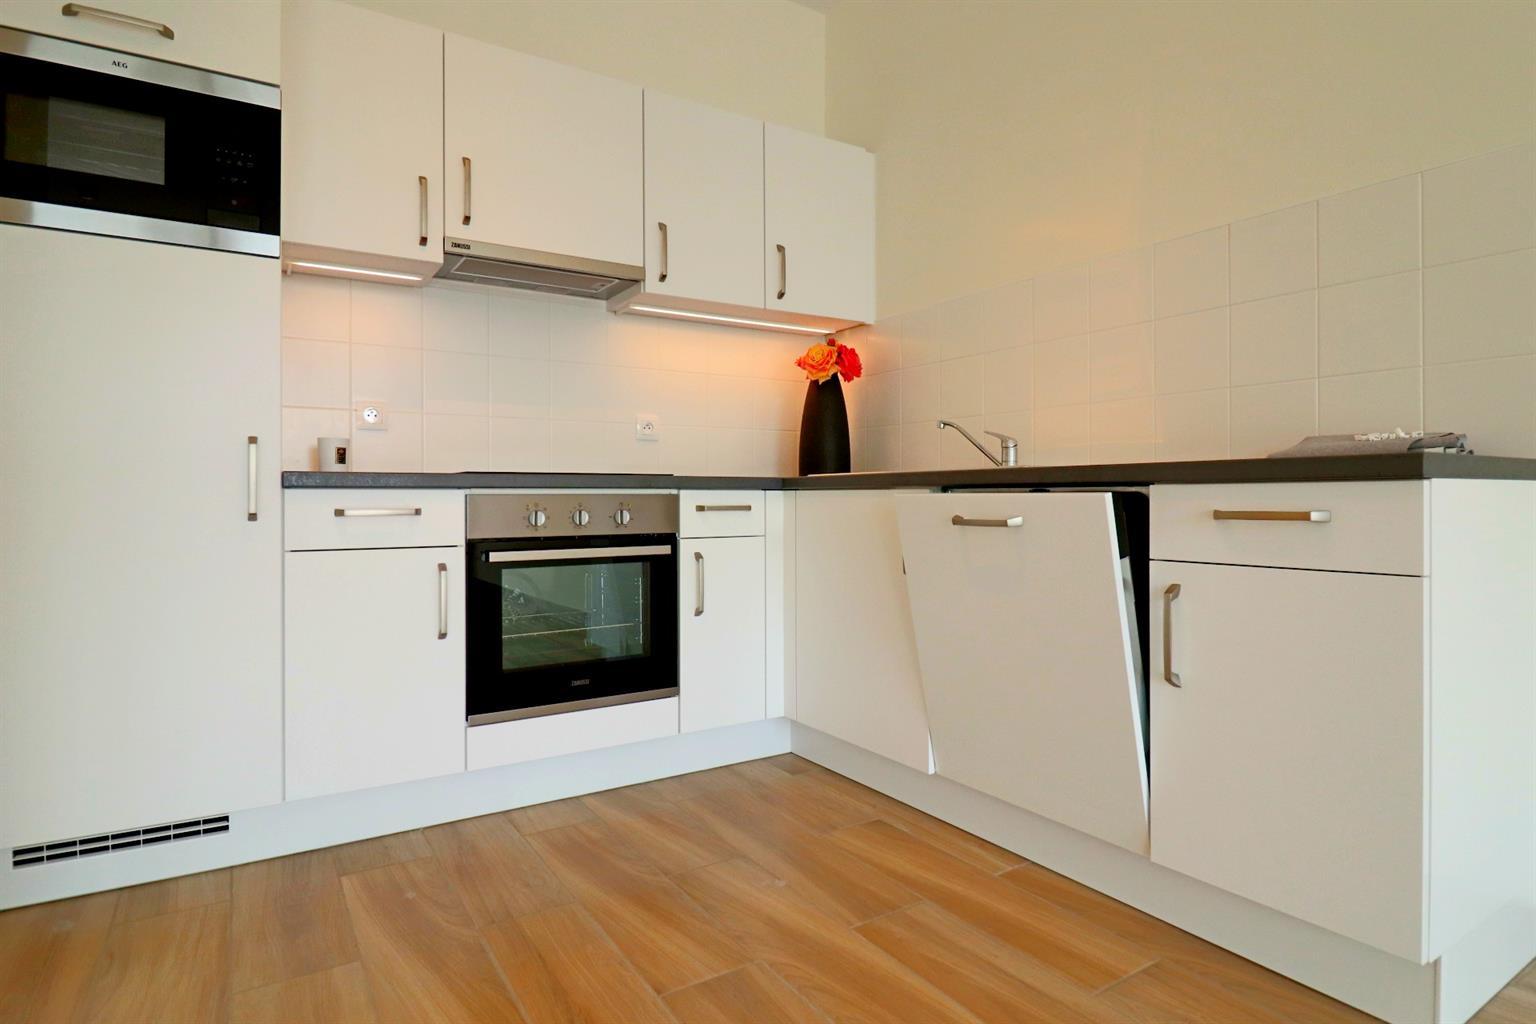 Appartement - Ottignies-Louvain-la-Neuve - #4406828-3